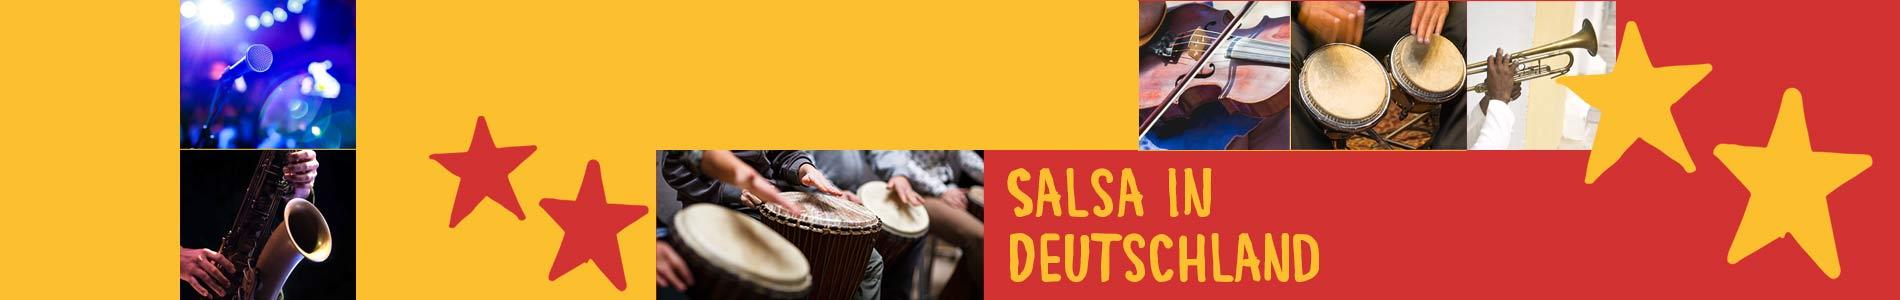 Salsa in Dägeling – Salsa lernen und tanzen, Tanzkurse, Partys, Veranstaltungen